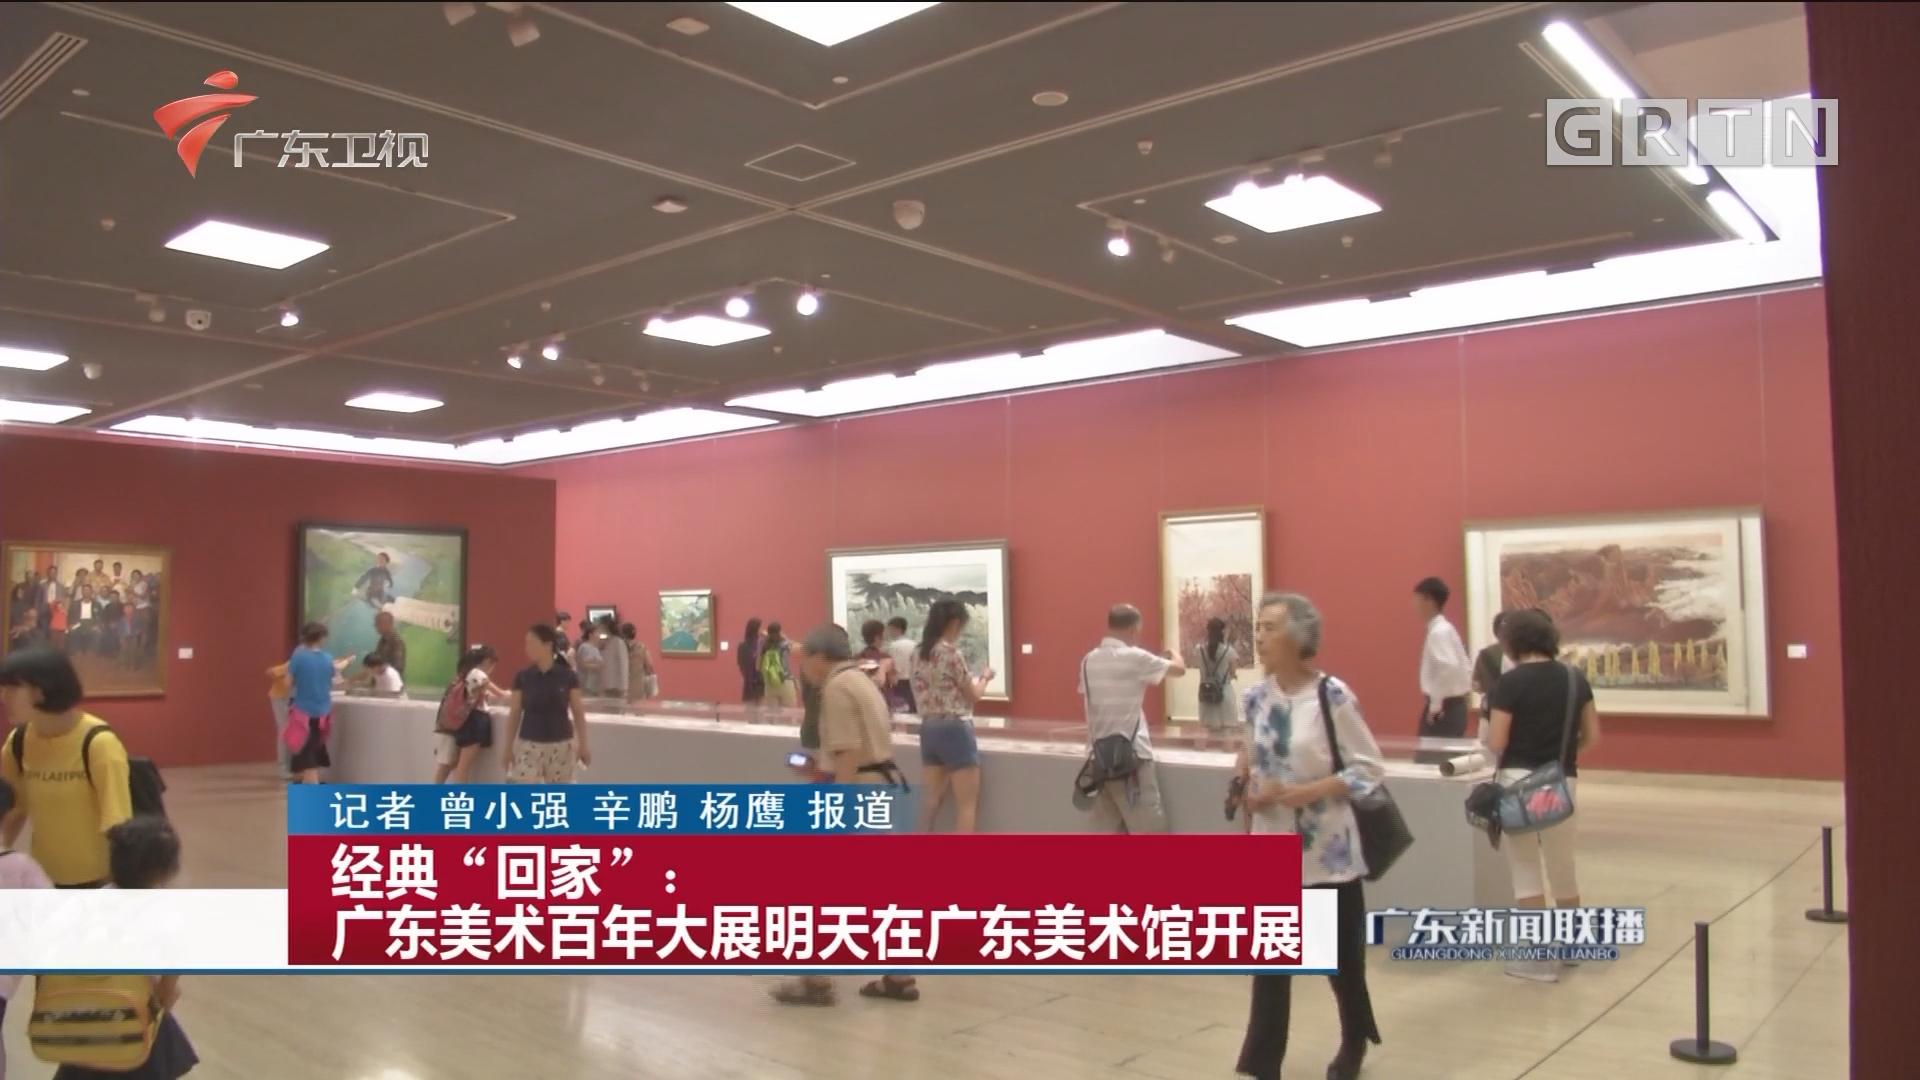 """经典""""回家"""":广东美术百年大展明天在广东美术馆开展"""